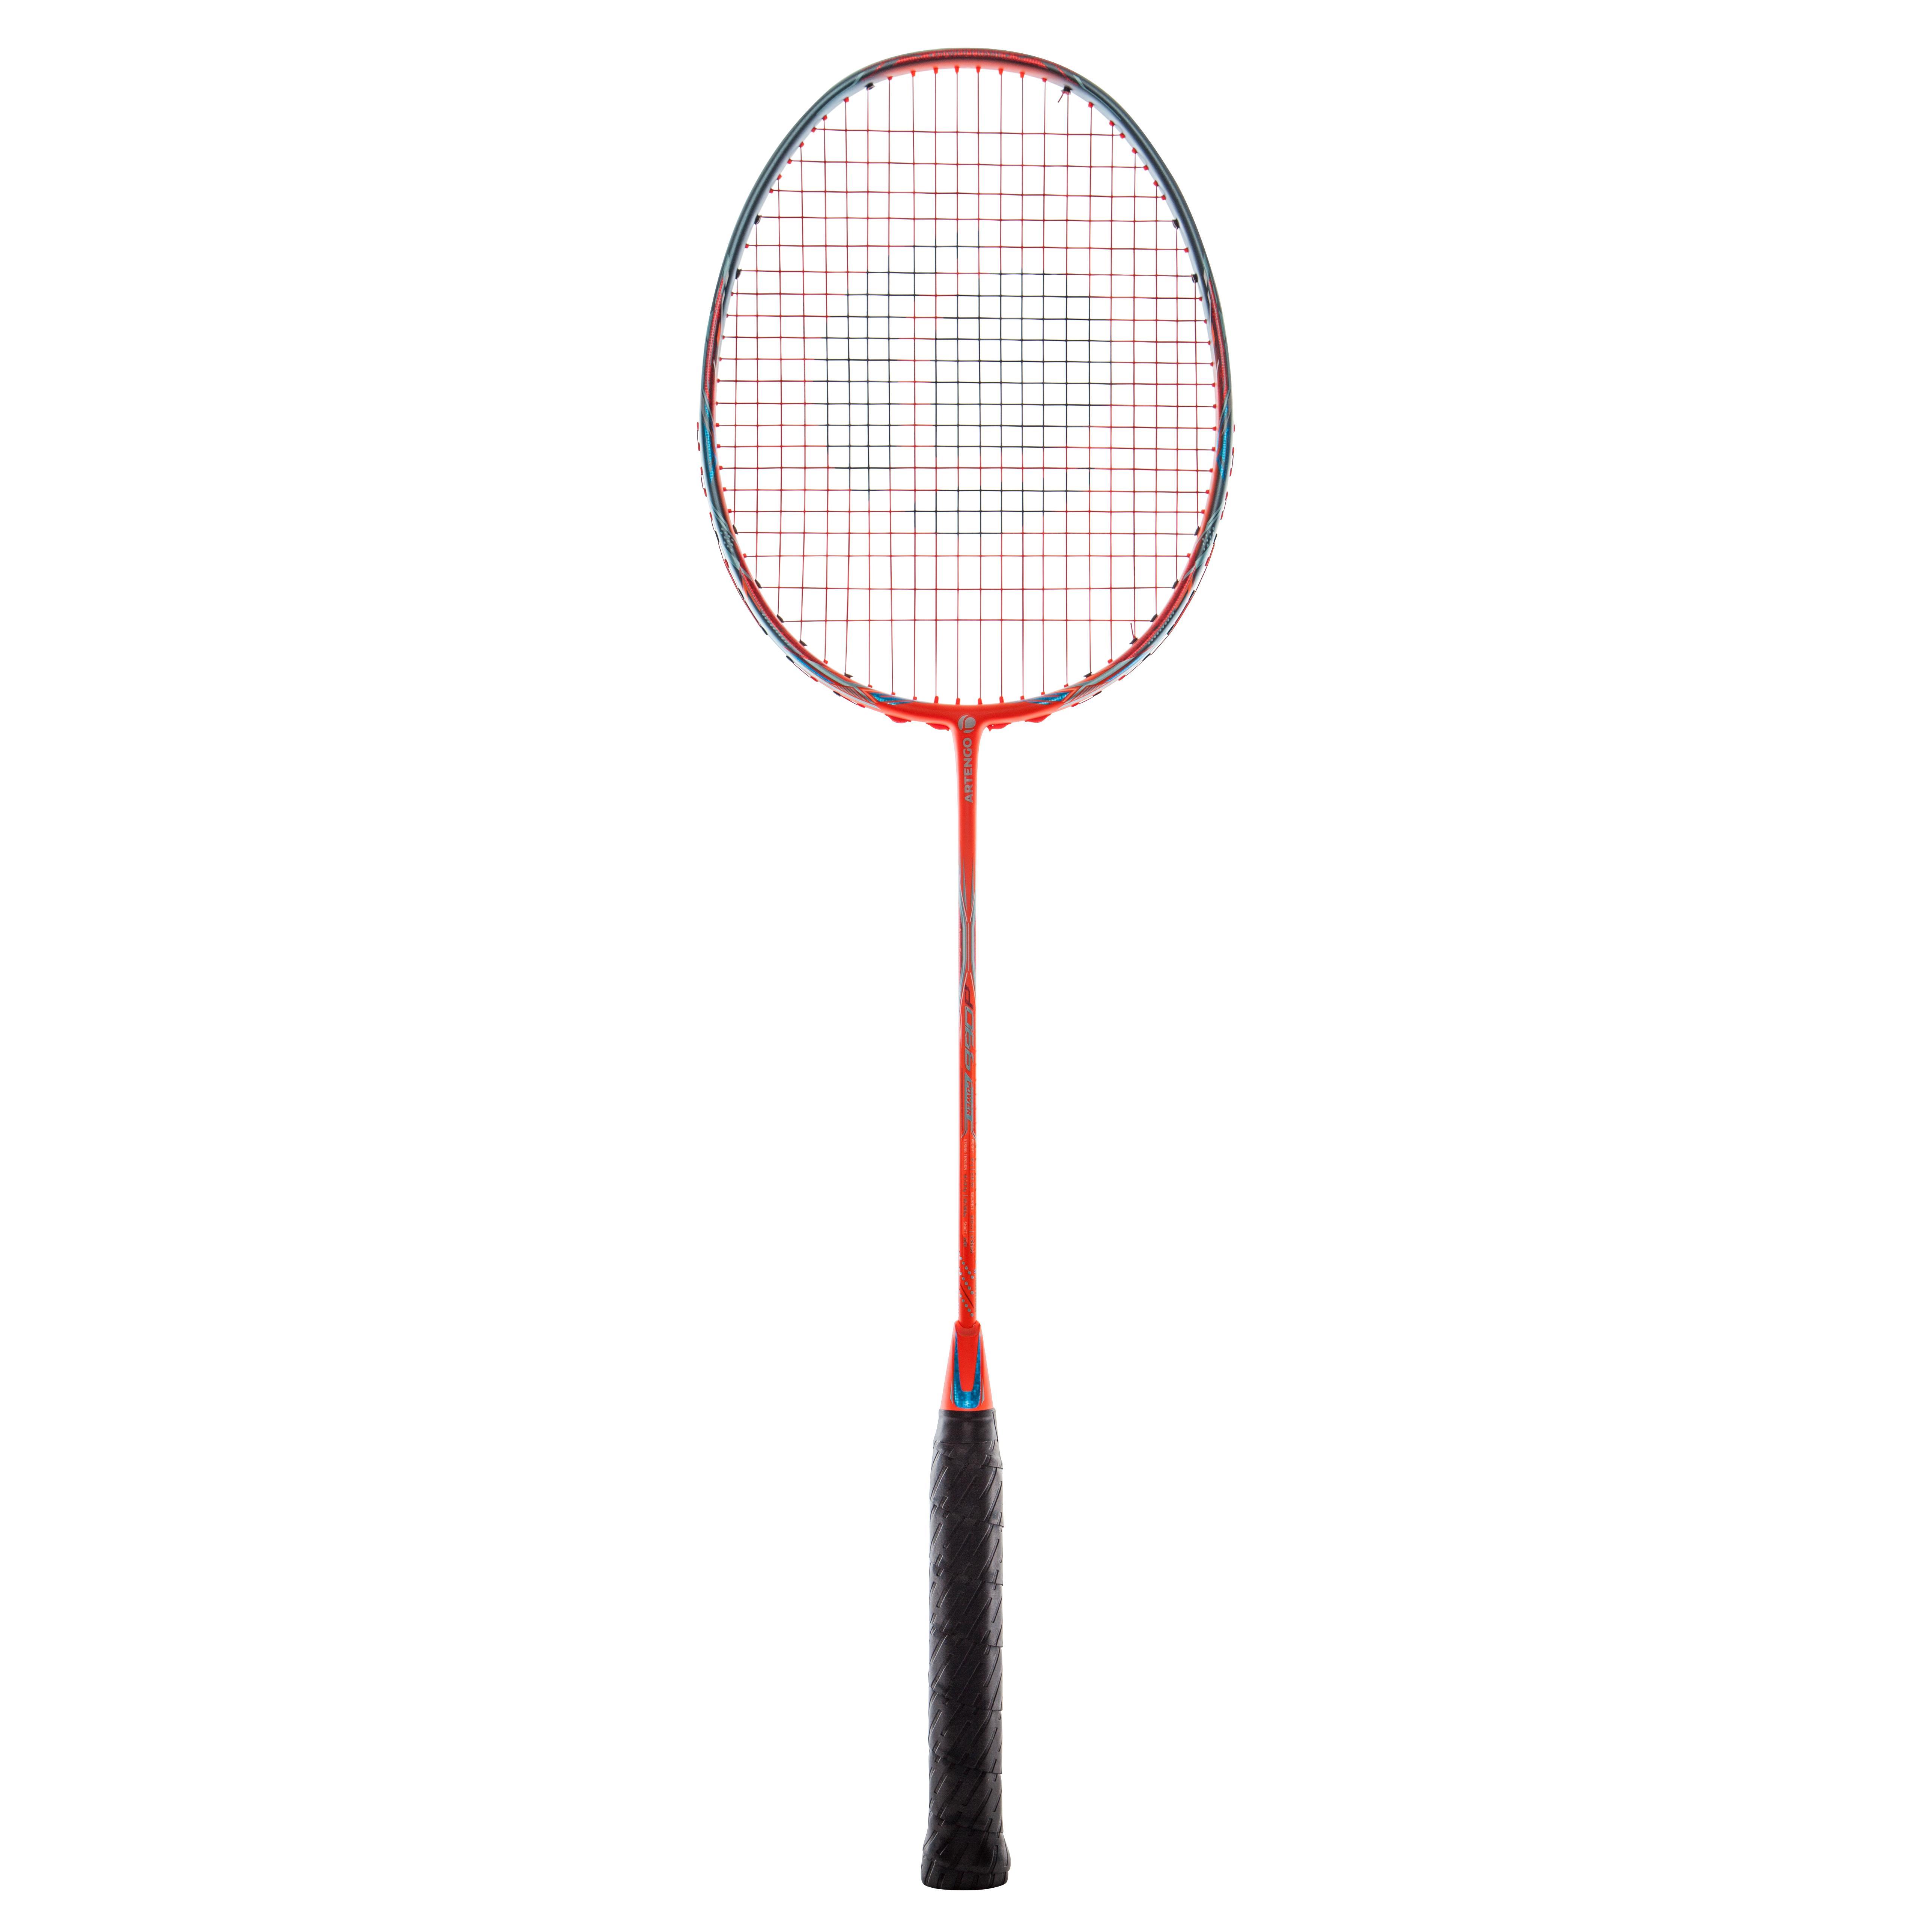 Perfly Badmintonracket BR 990 P kopen